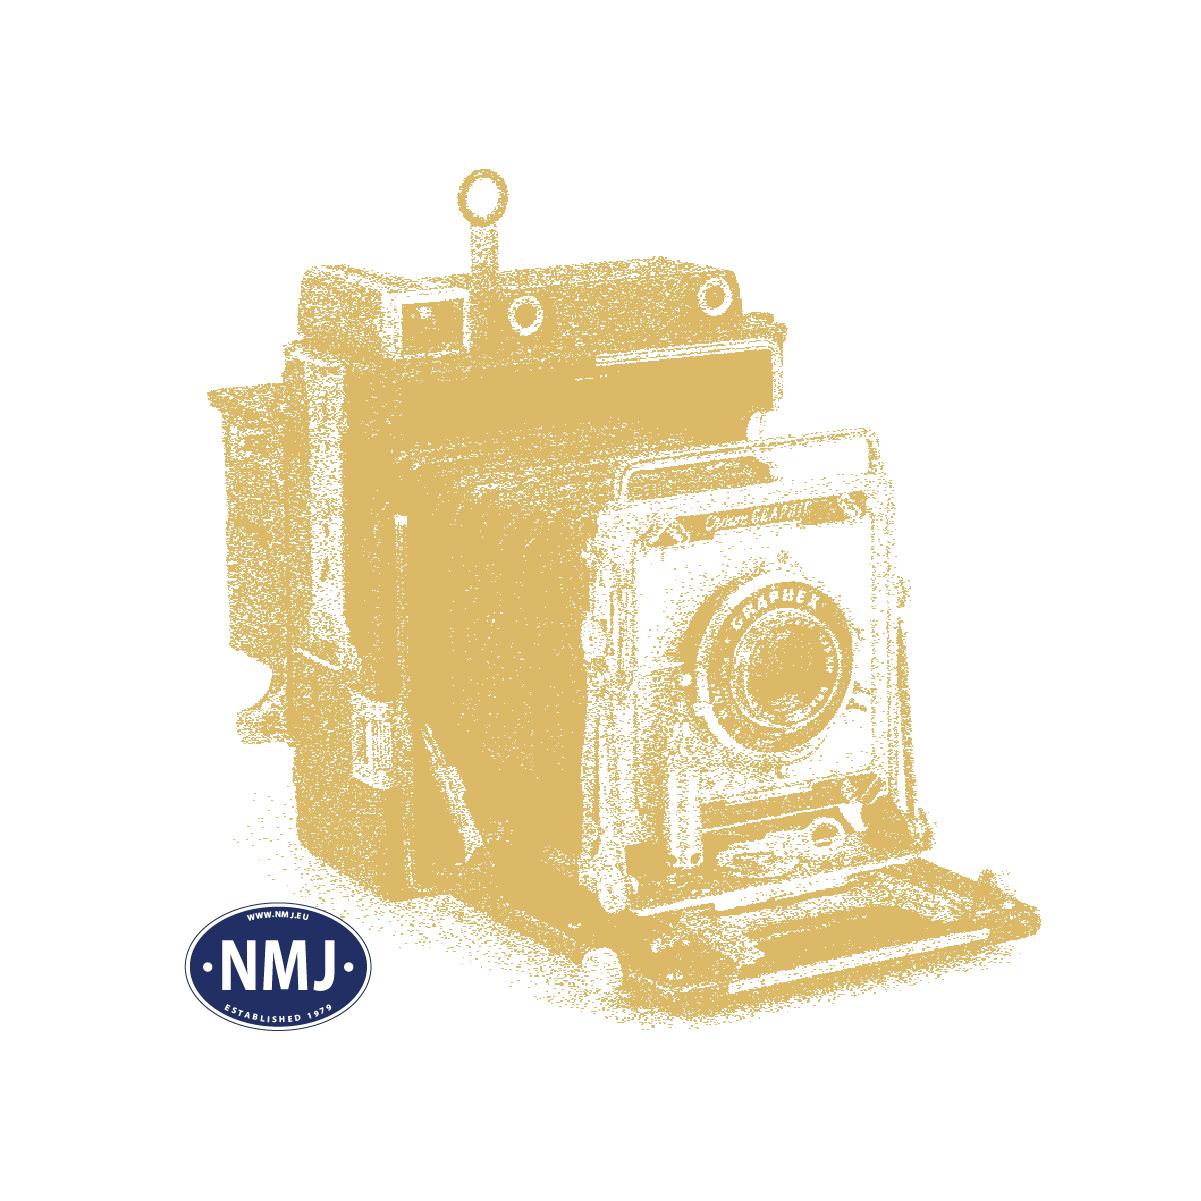 NMJT506.302 - NMJ Topline NSB Gbs 150 0 048-3, reisegodsvogn